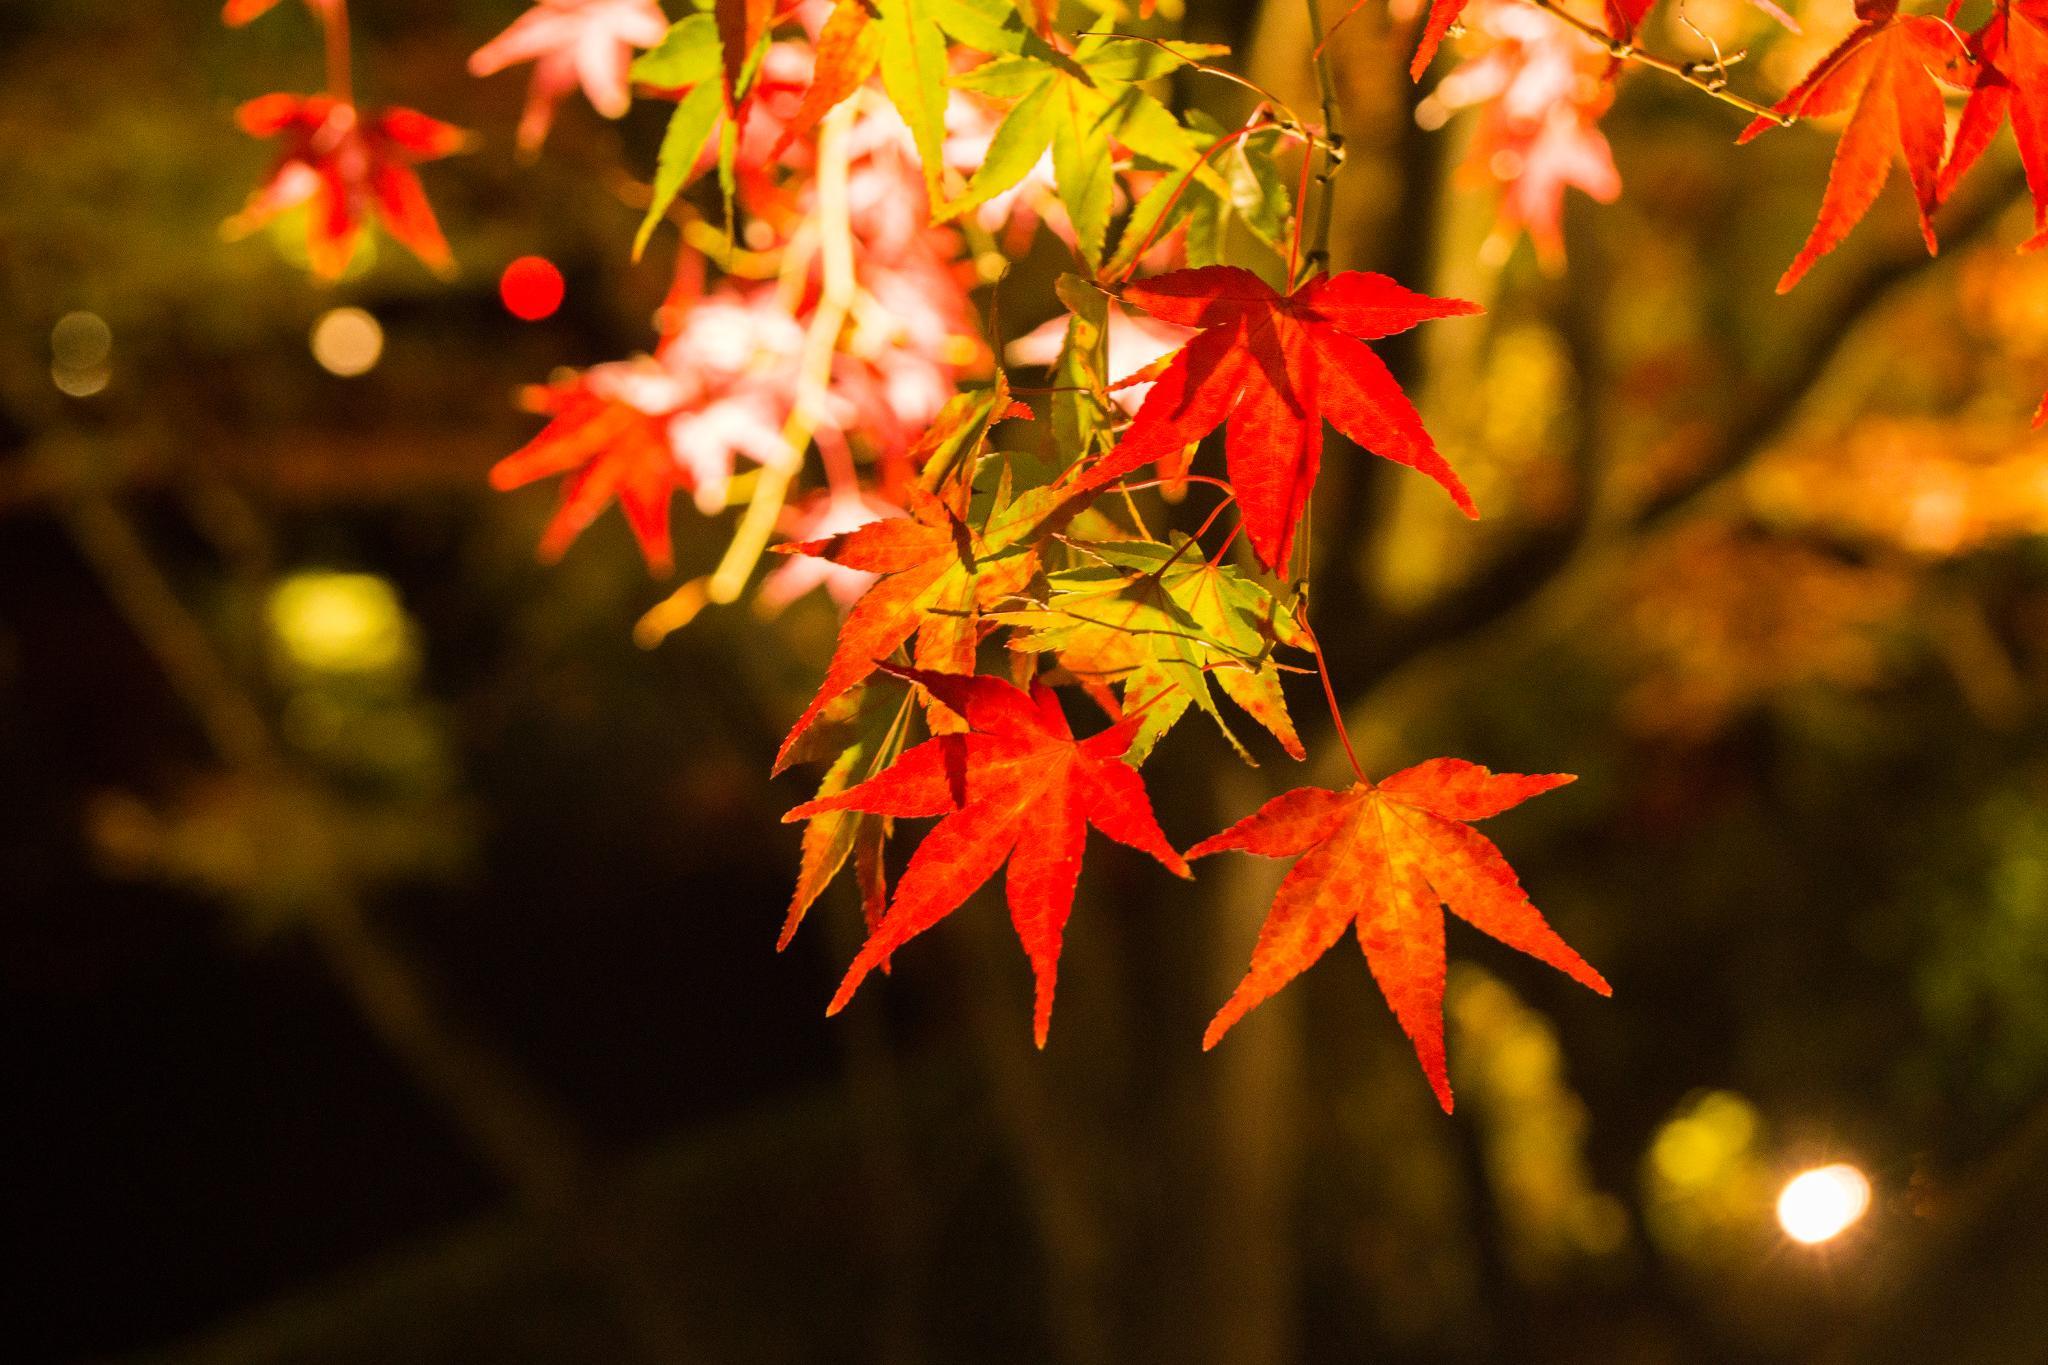 【京都】此生必來的紅葉狩絕景 - 永觀堂夜楓 139